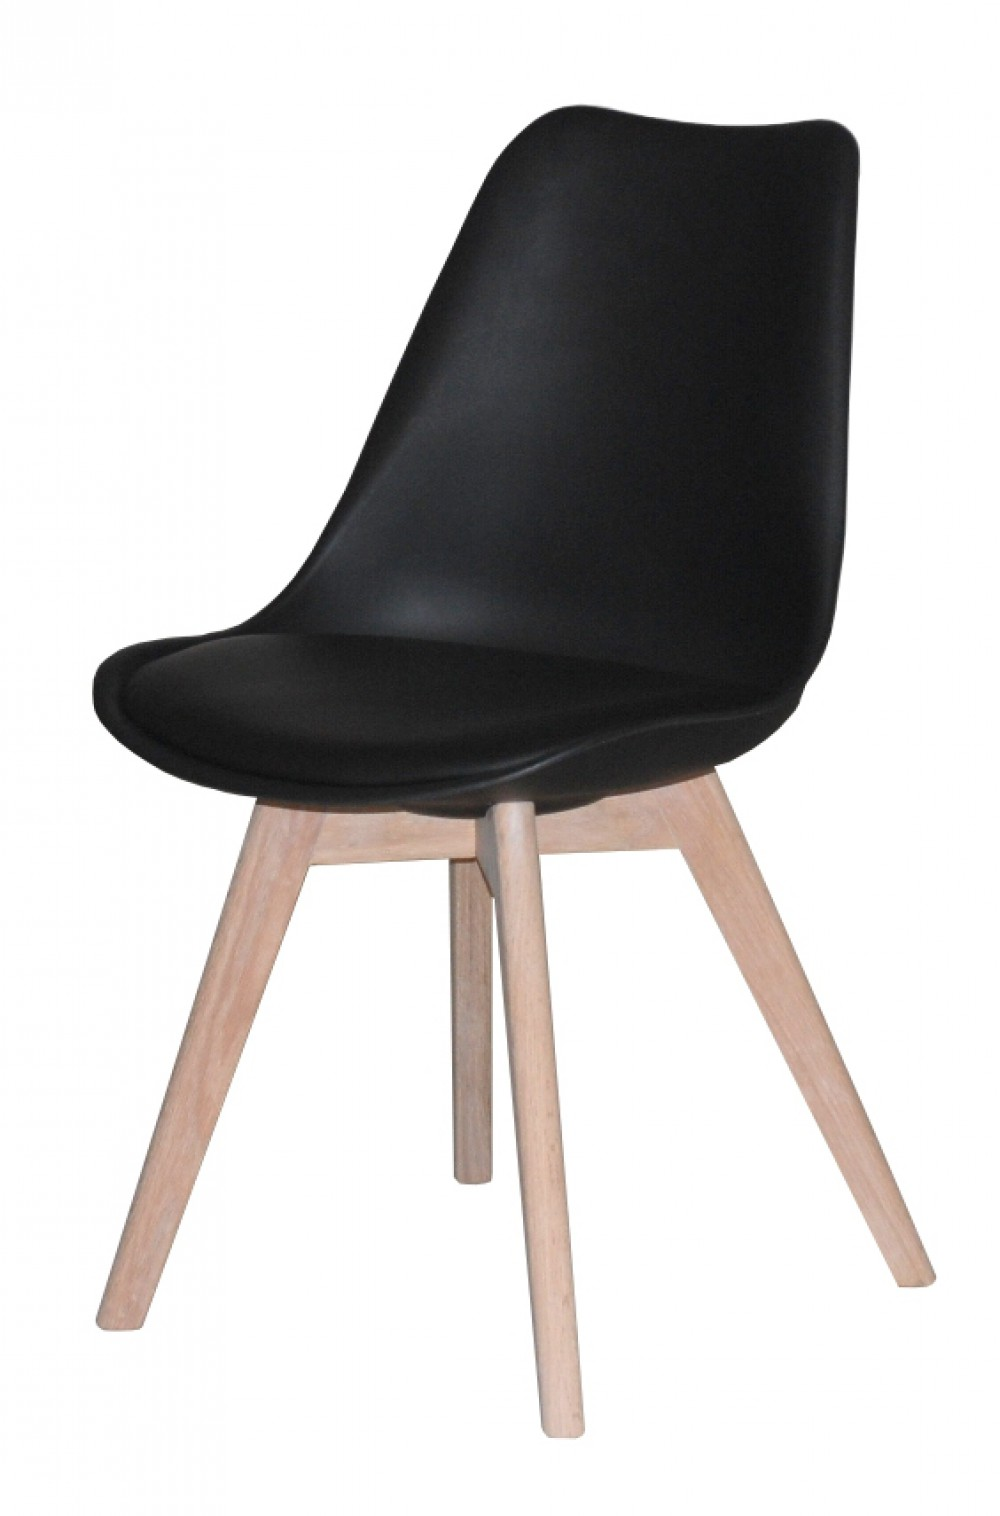 stuhl plastik holz beautiful henriksdal stuhl mit langem bezug with stuhl plastik holz. Black Bedroom Furniture Sets. Home Design Ideas